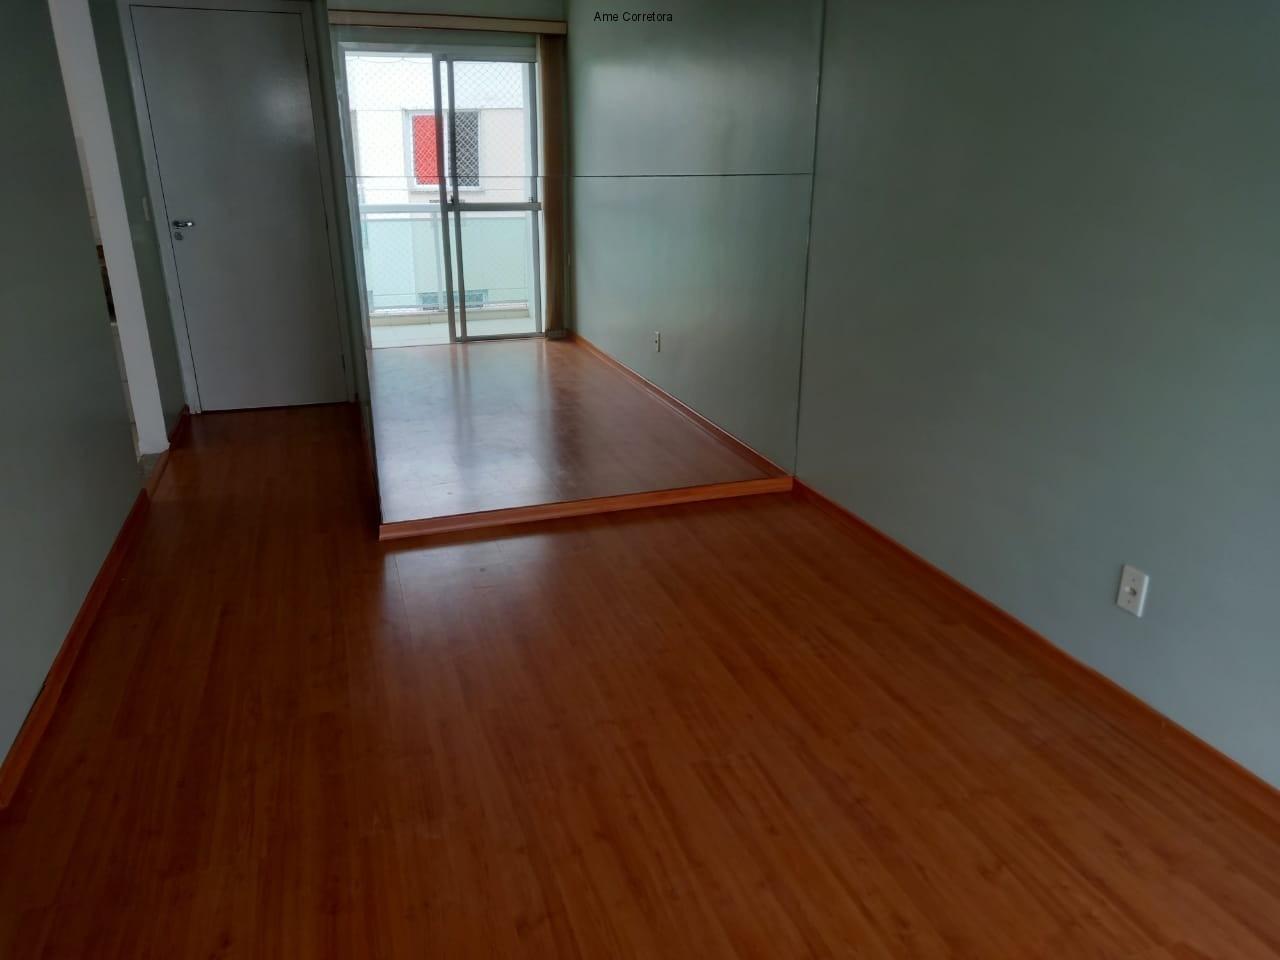 FOTO 03 - Apartamento 2 quartos para alugar Campo Grande, Rio de Janeiro - R$ 1.200 - AP00439 - 4